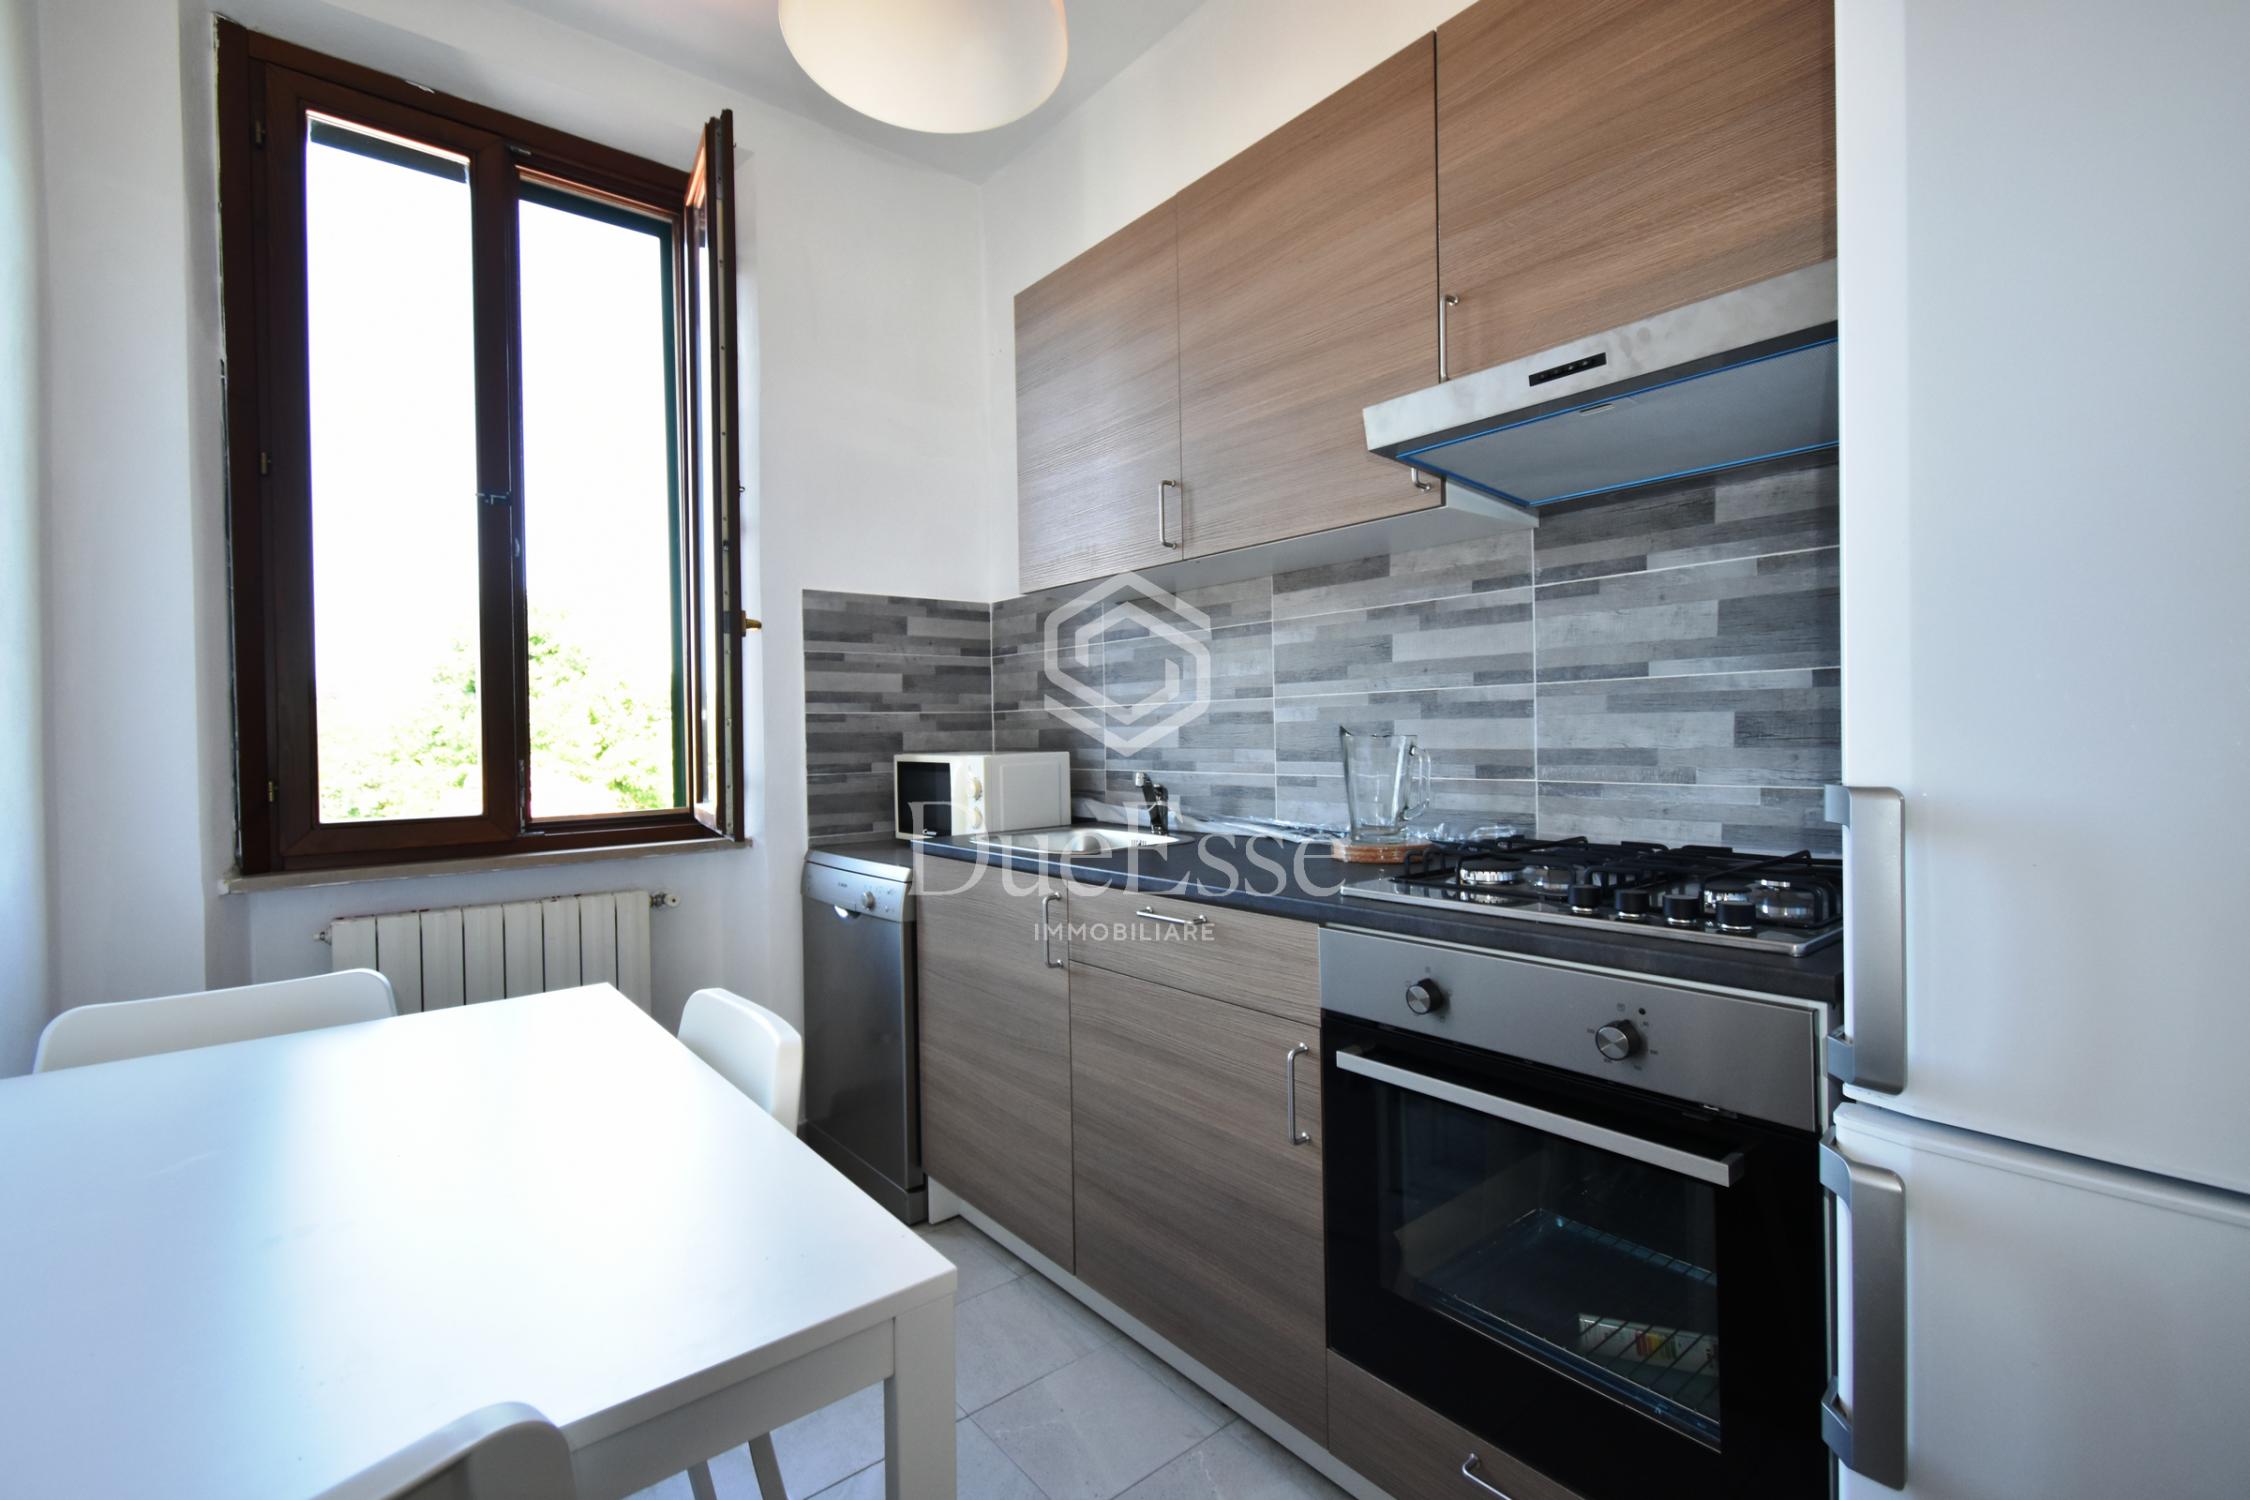 Appartamento di tre vani con ampio giardino – Aeroporto, Pisa